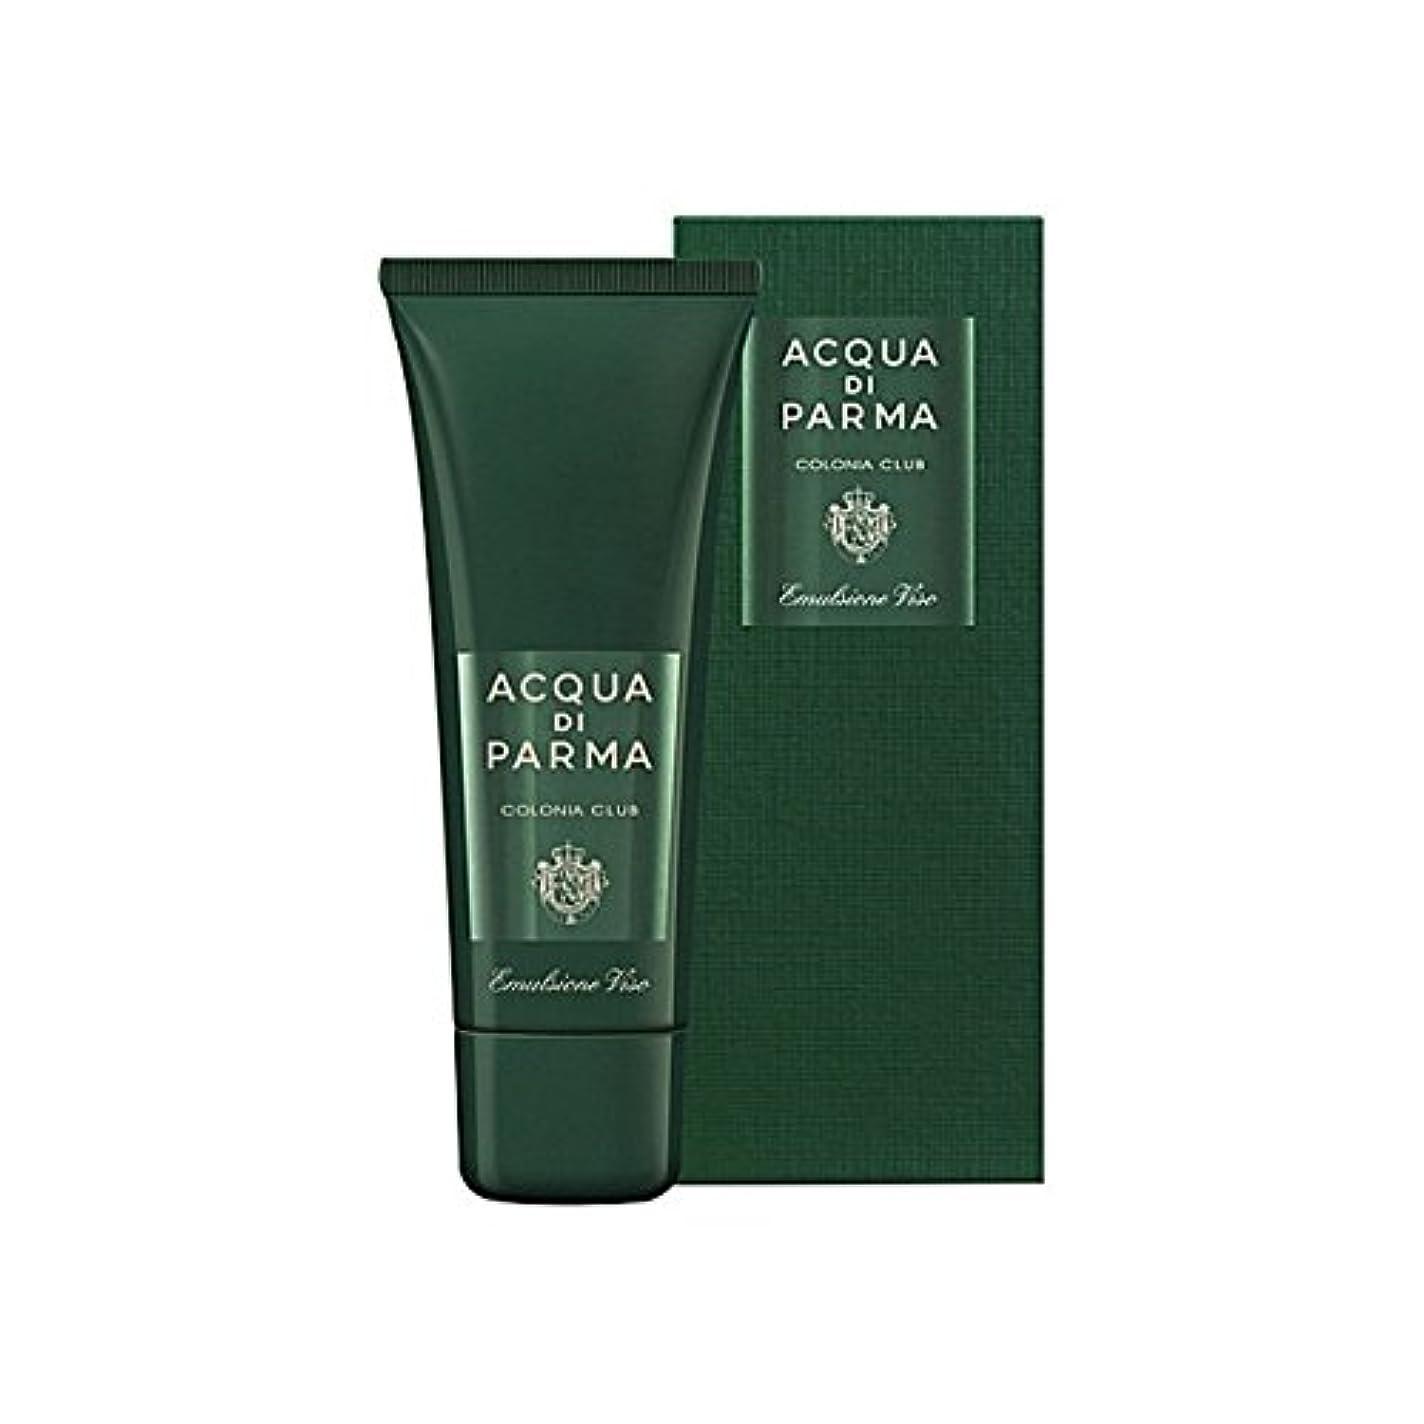 中国組み合わせインドAcqua Di Parma Colonia Club Face Emulsion 75ml - アクアディパルマコロニアクラブフェースエマルジョン75ミリリットル [並行輸入品]